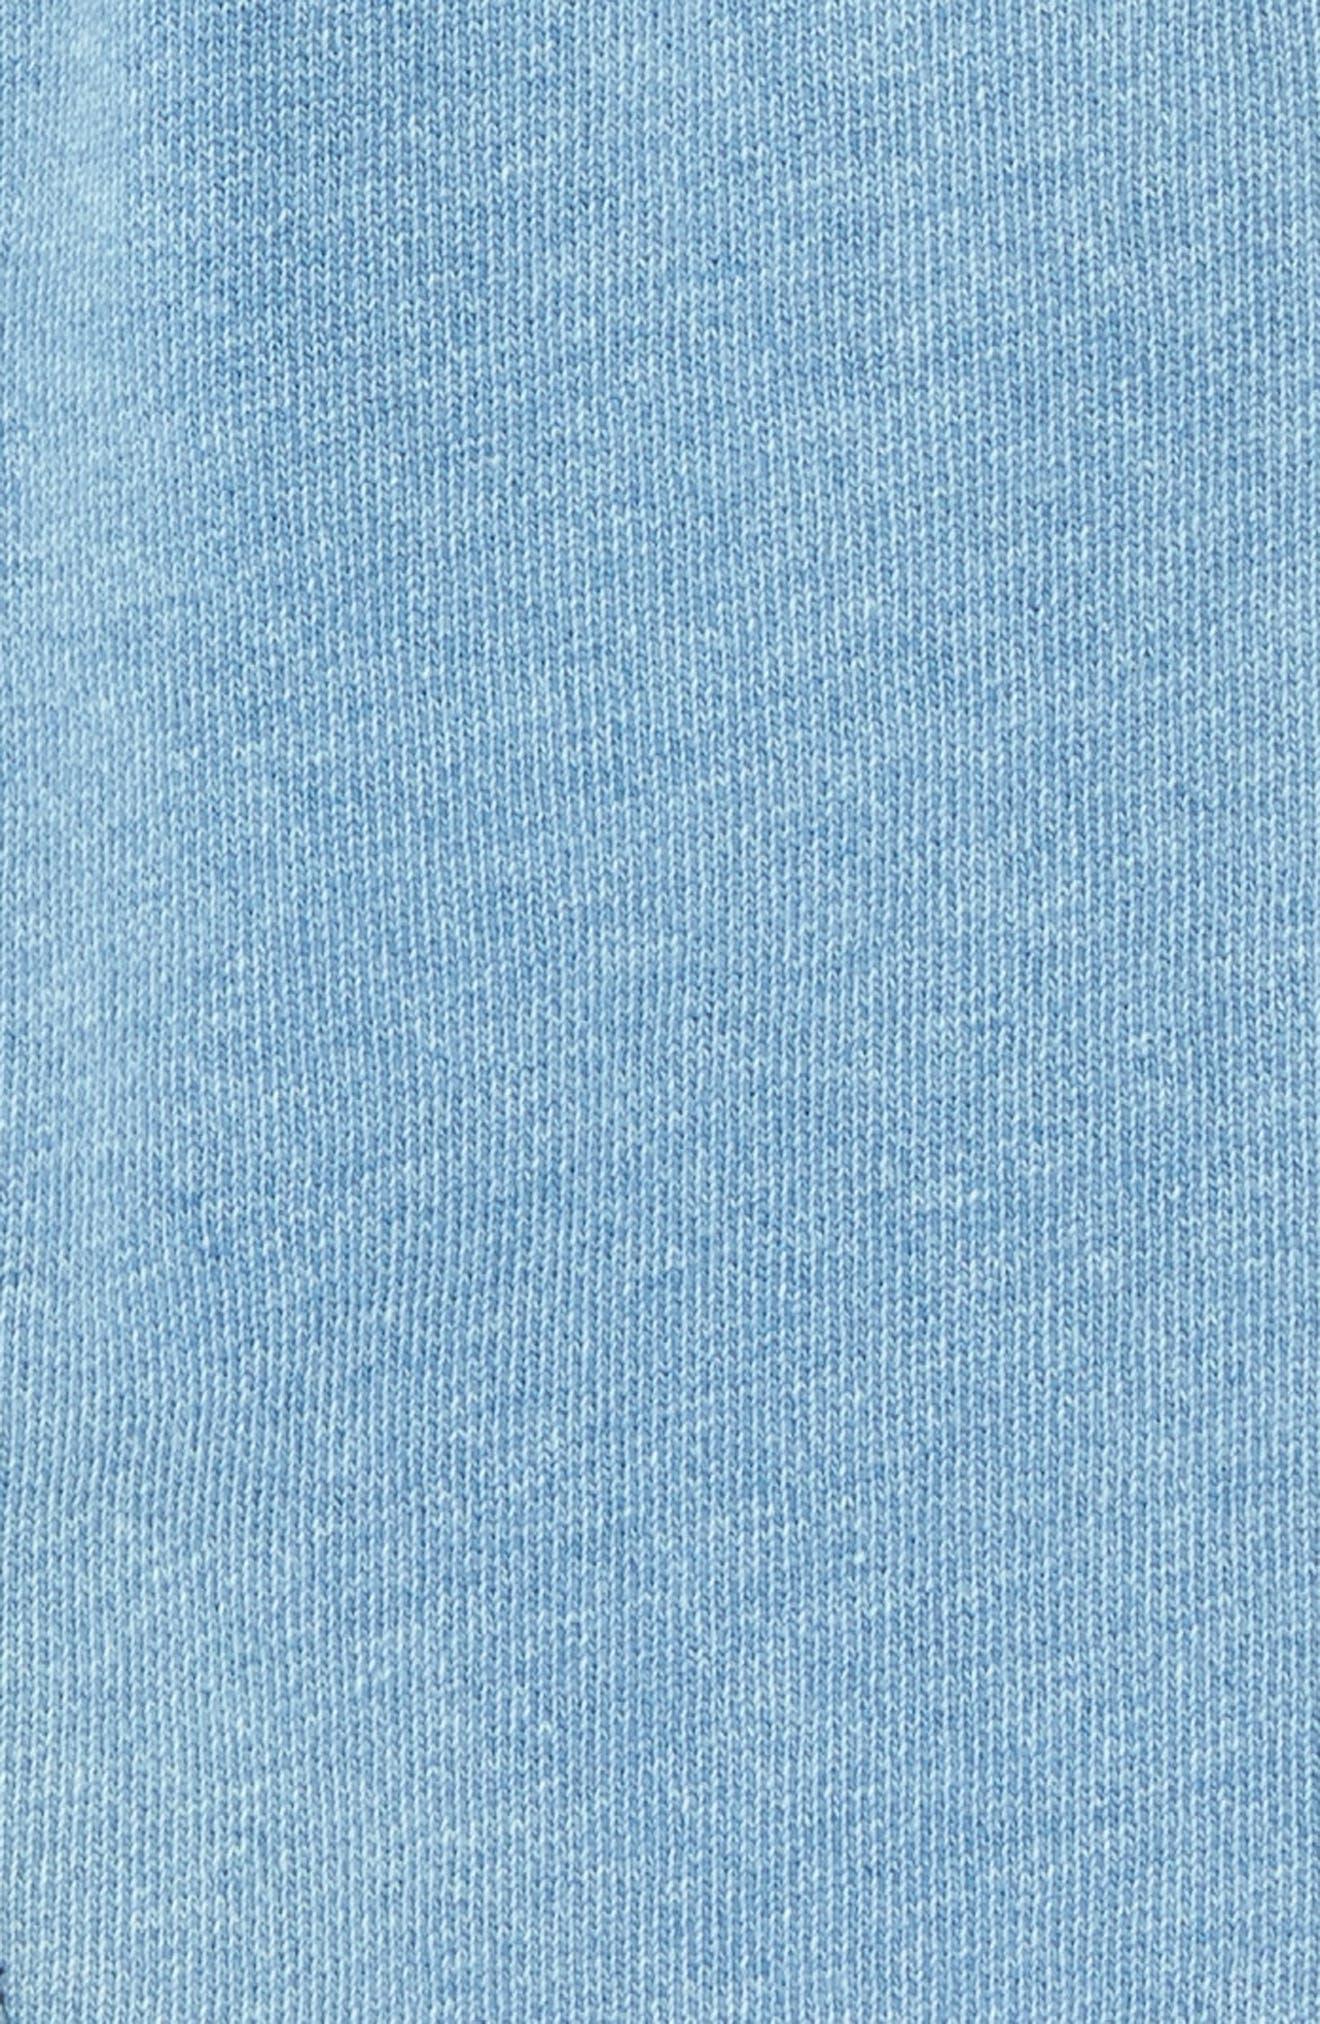 TUCKER + TATE, Knit Denim Pants, Alternate thumbnail 2, color, BLUE INDIGO